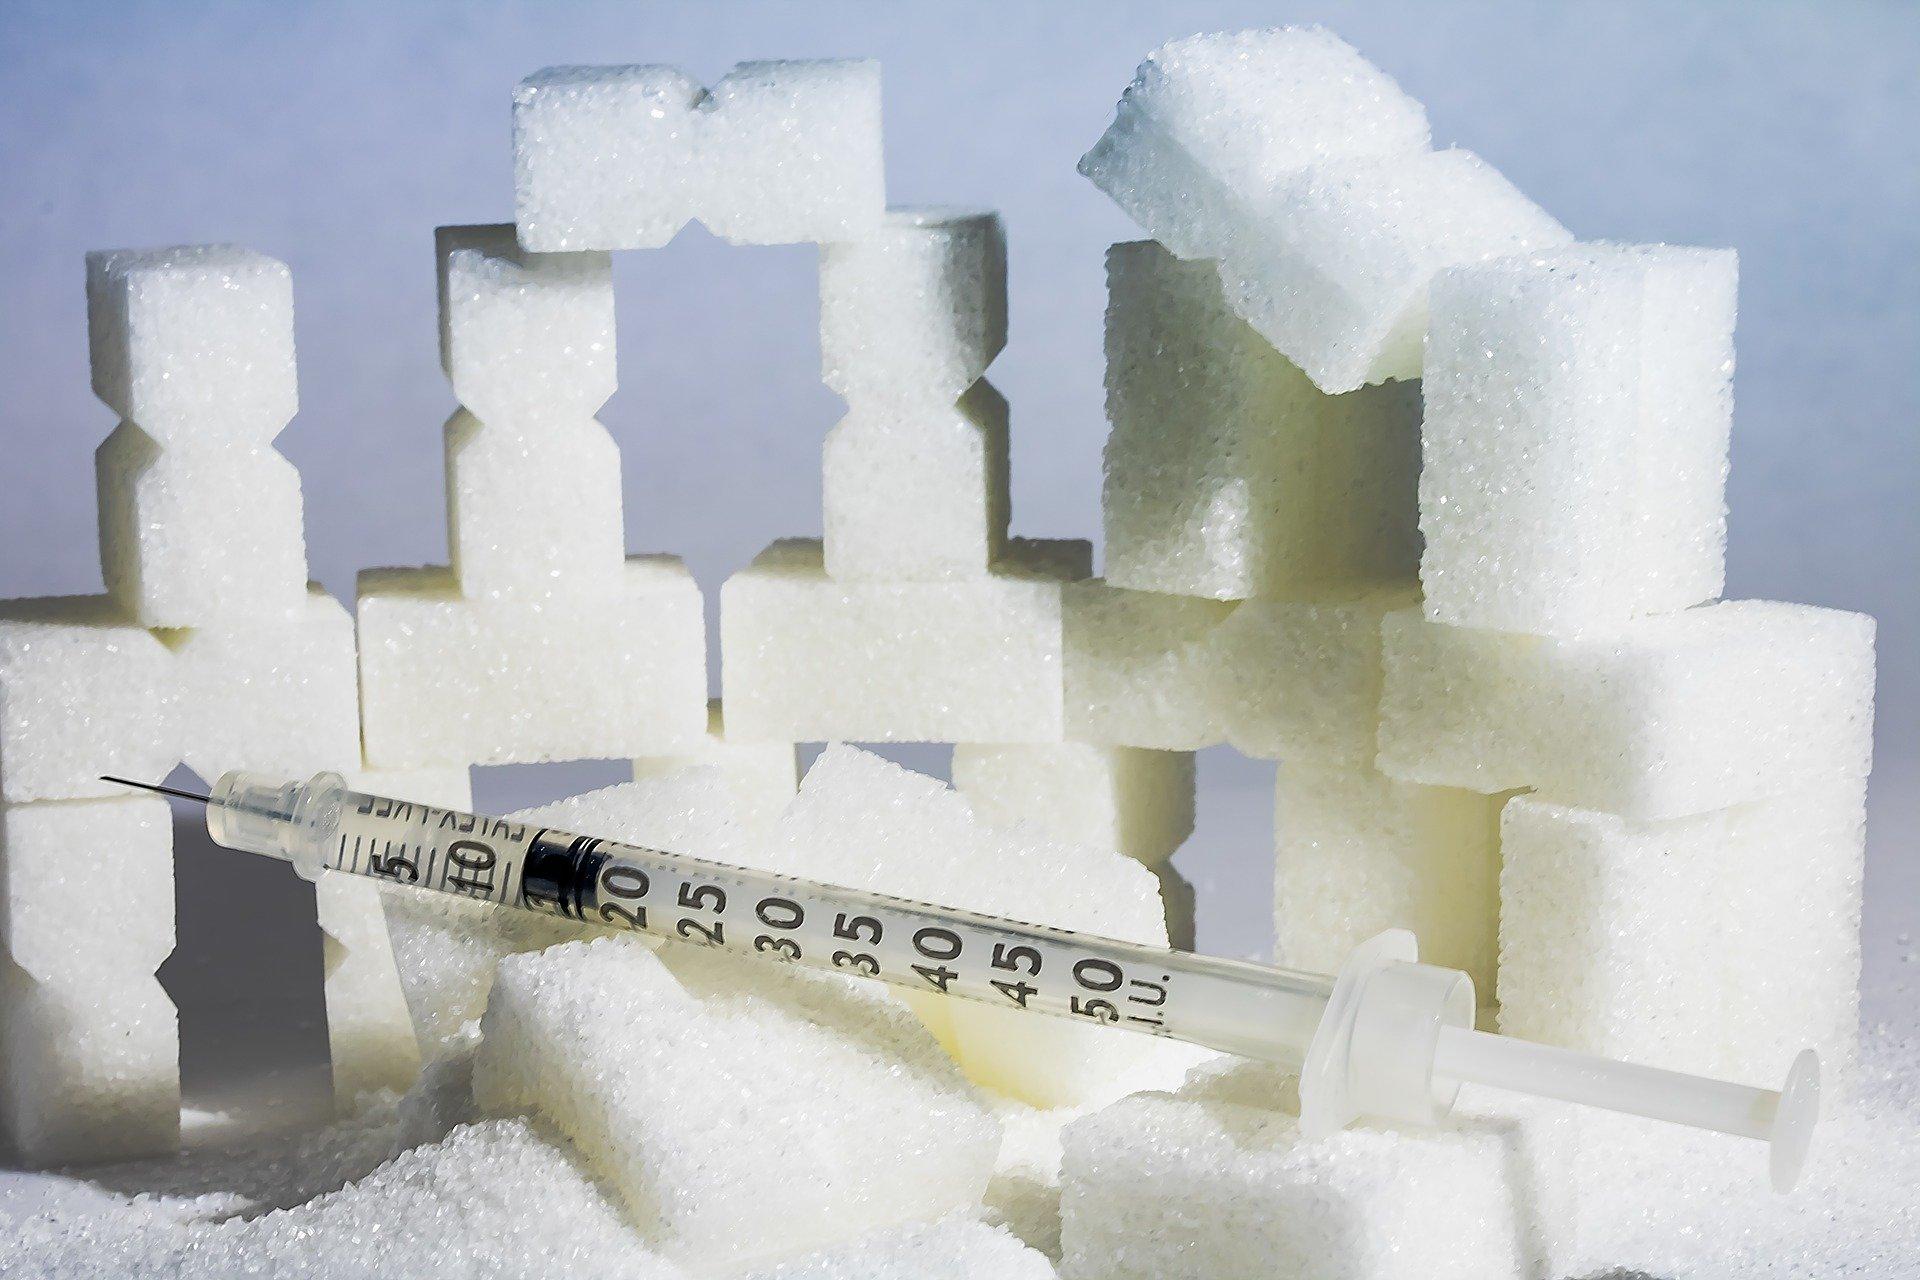 Cukrovka a hubnutí bez příčiny může signalizovat vážnou nemoc - anotační obrázek